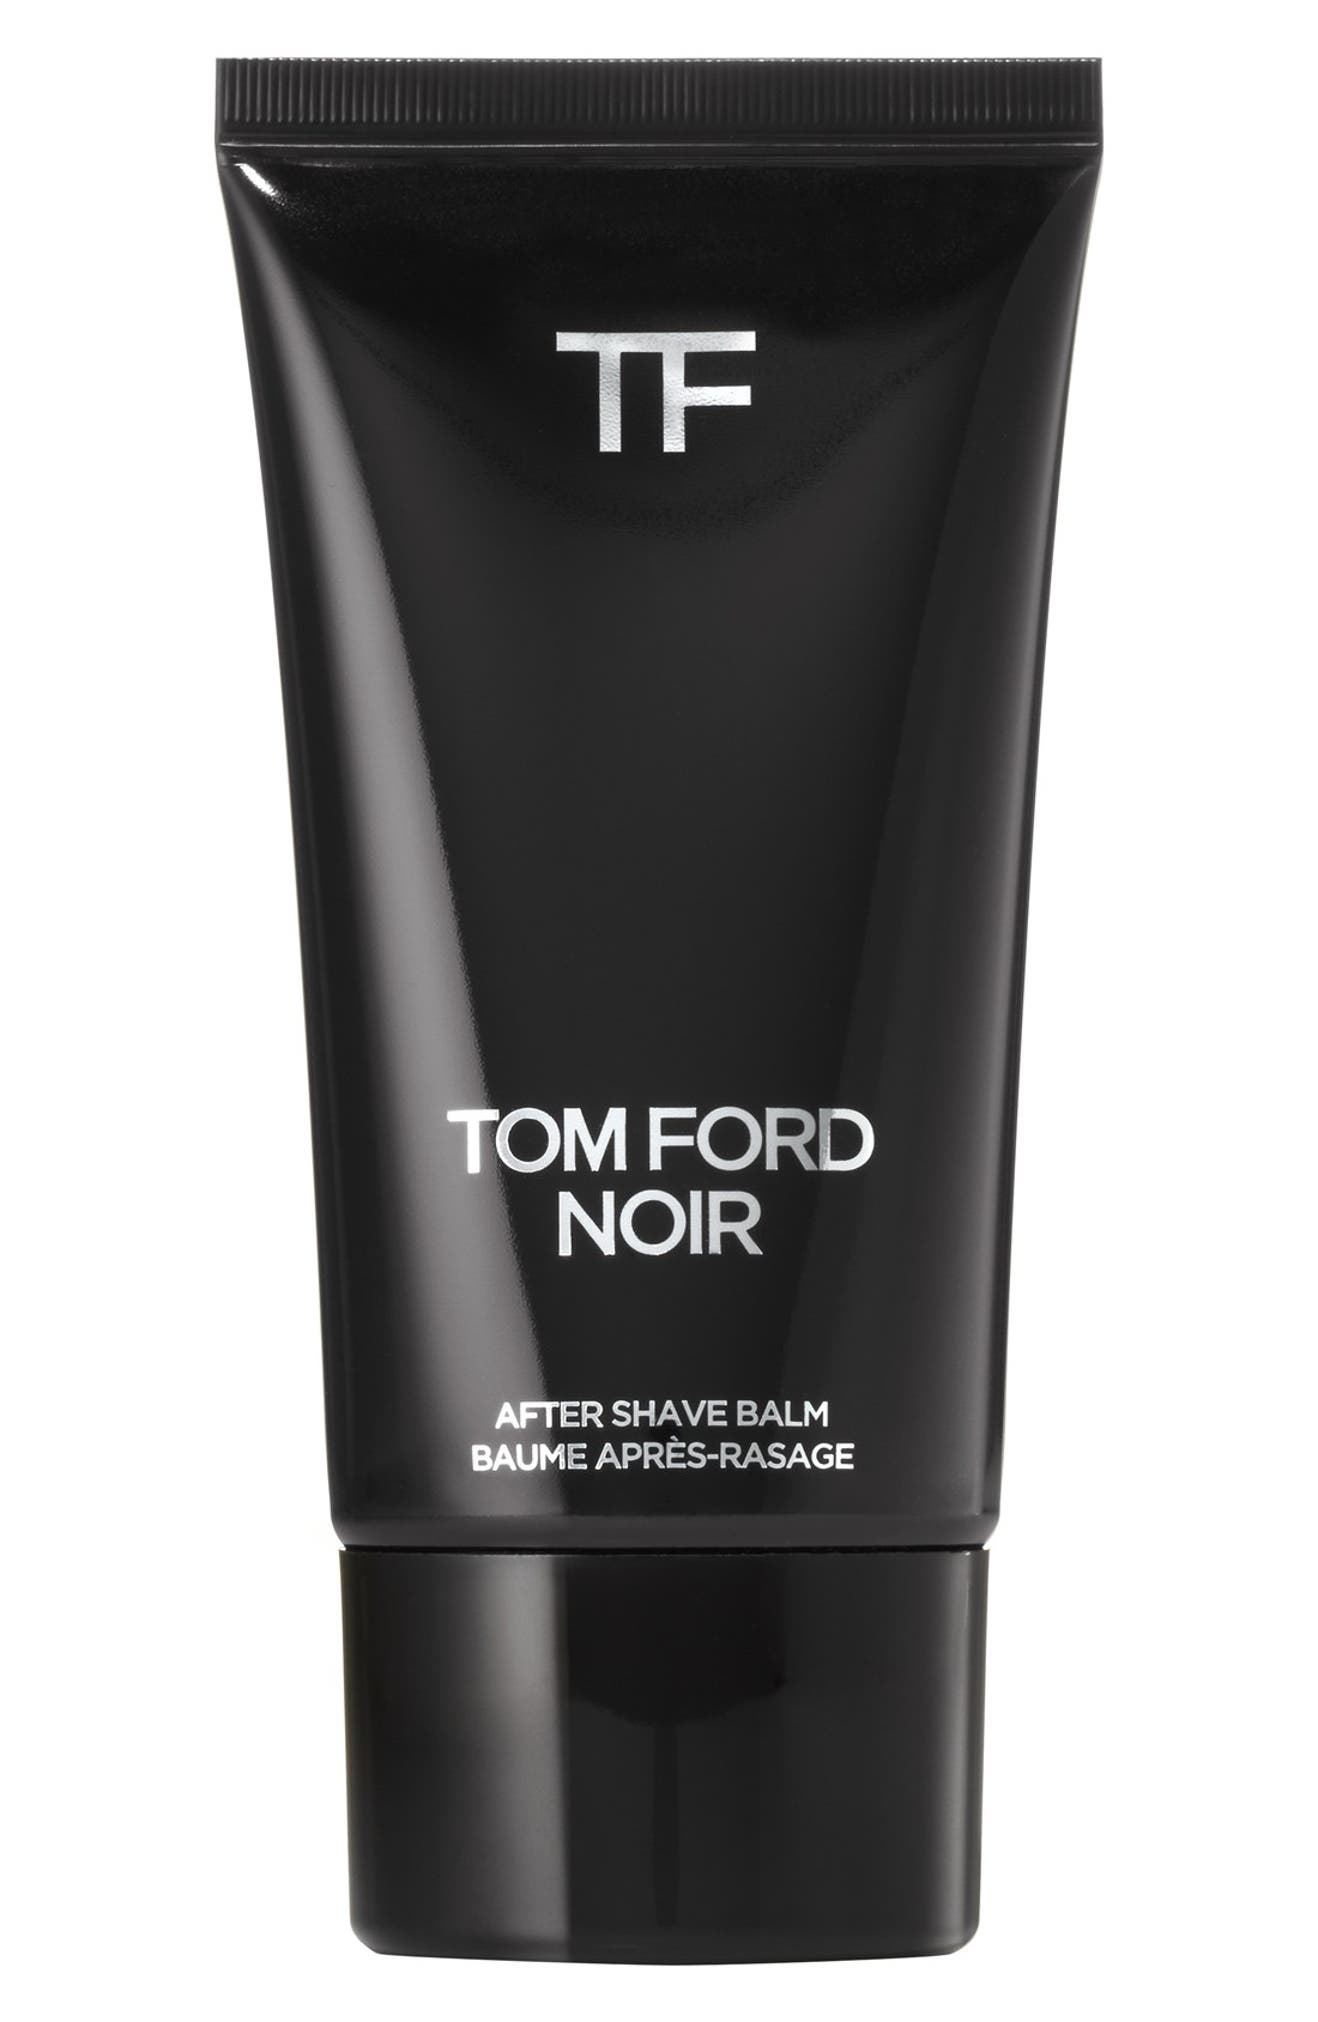 oz spray eau men de noir ford tom extreme parfum cologne fragrancenet extremetom com